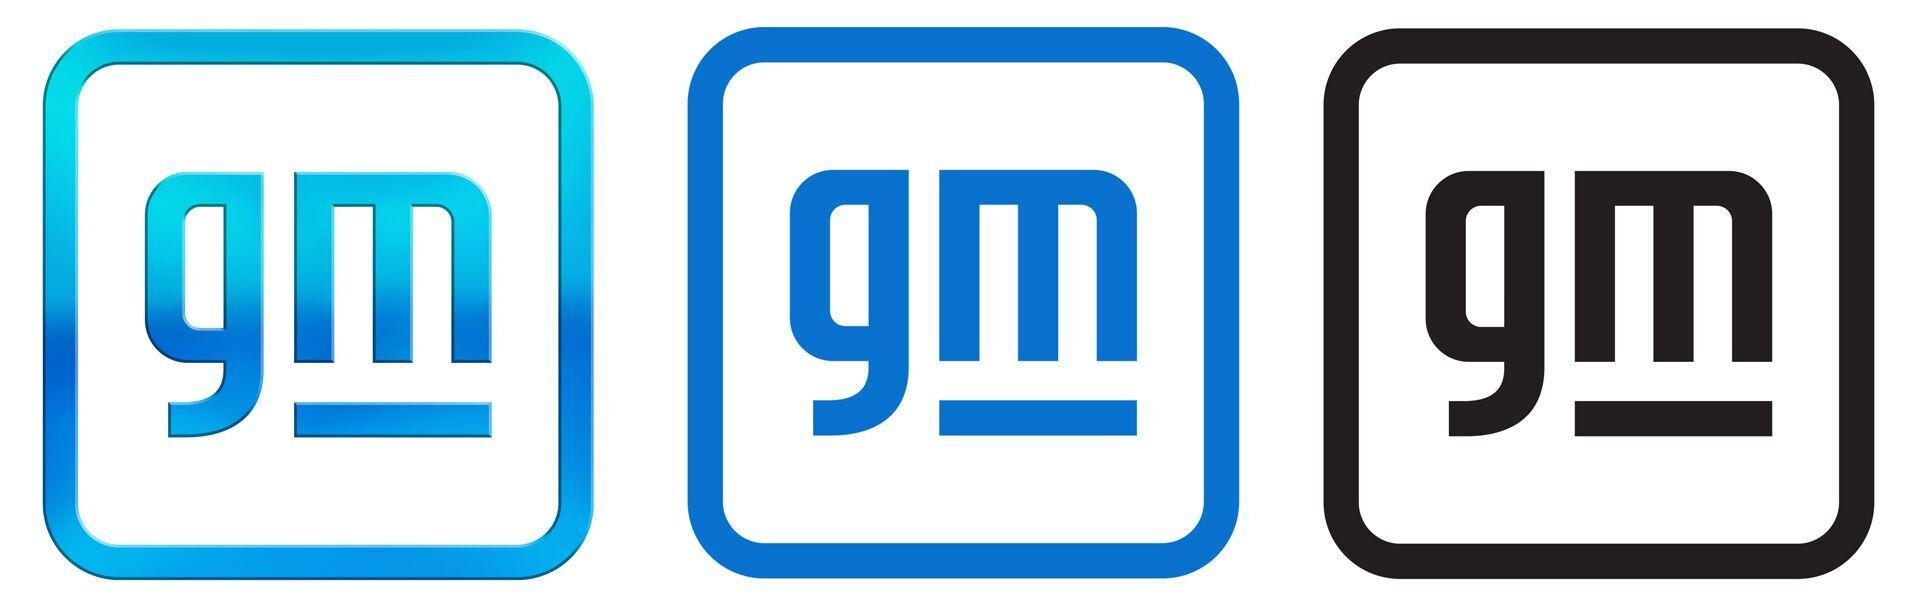 Варианты нового фирменного логотипа концерна в полноцветном, монохромном и черно-белом вариантах